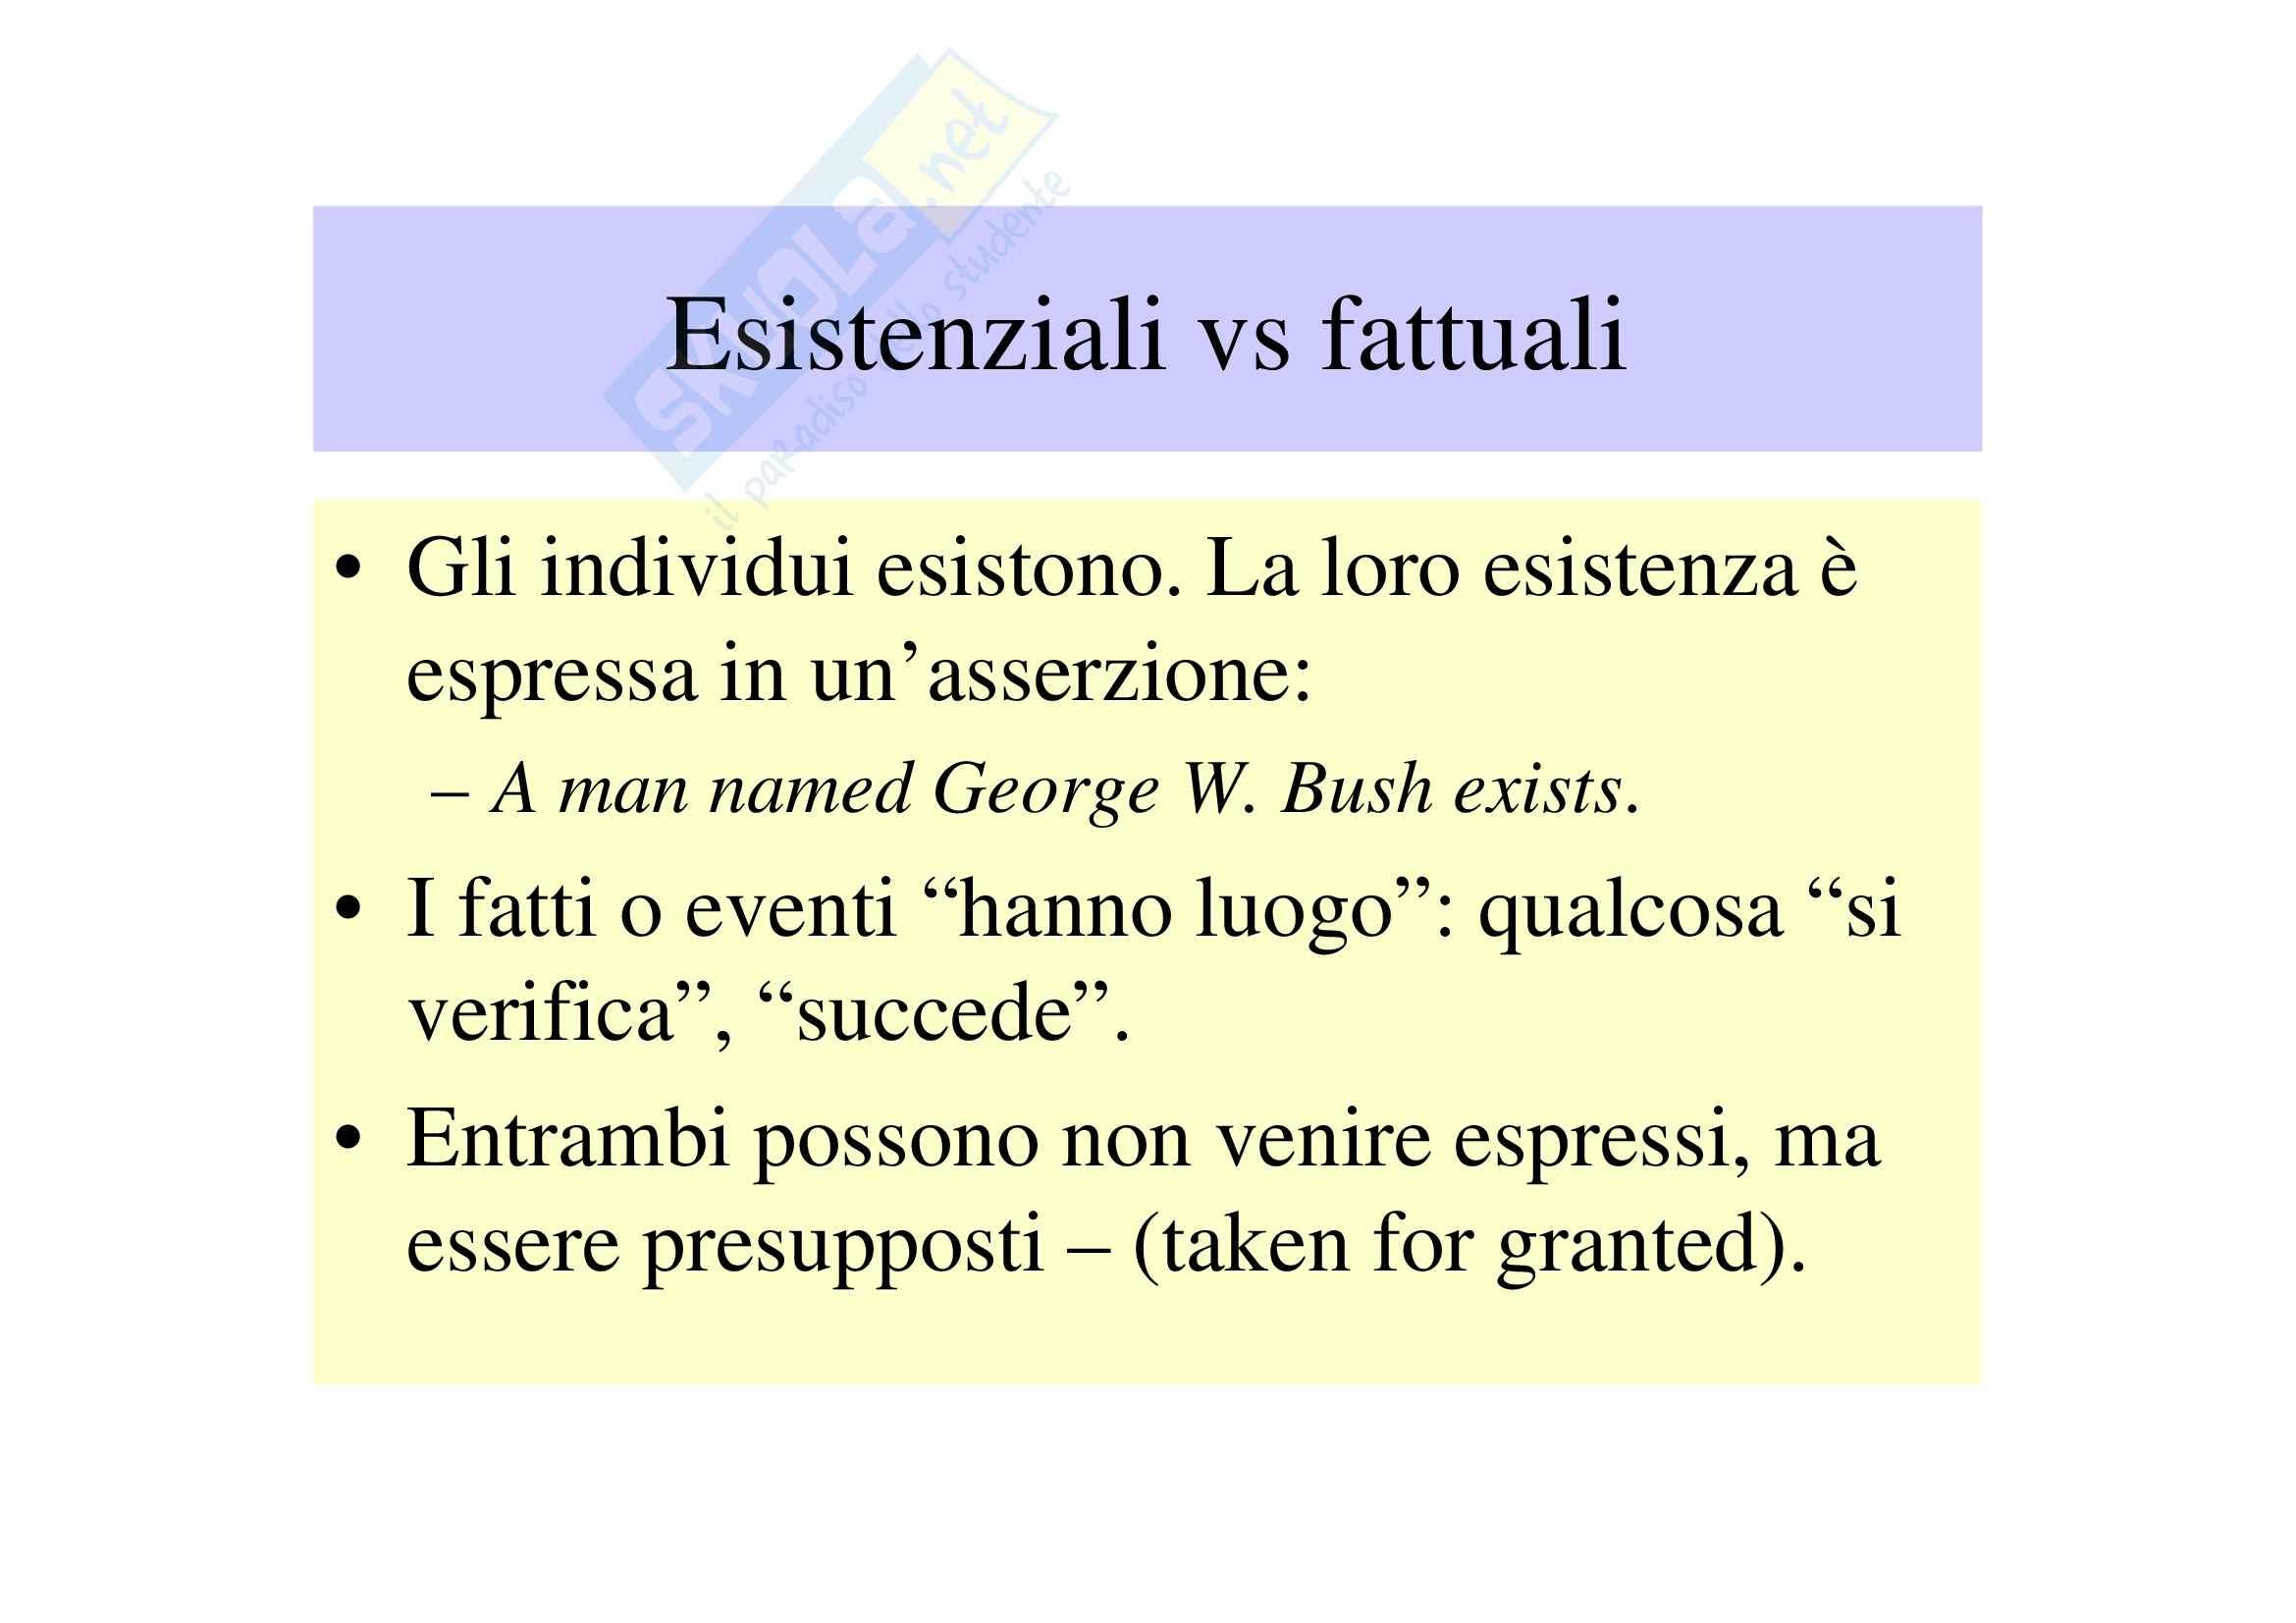 Implicito e presupposizioni Pag. 6